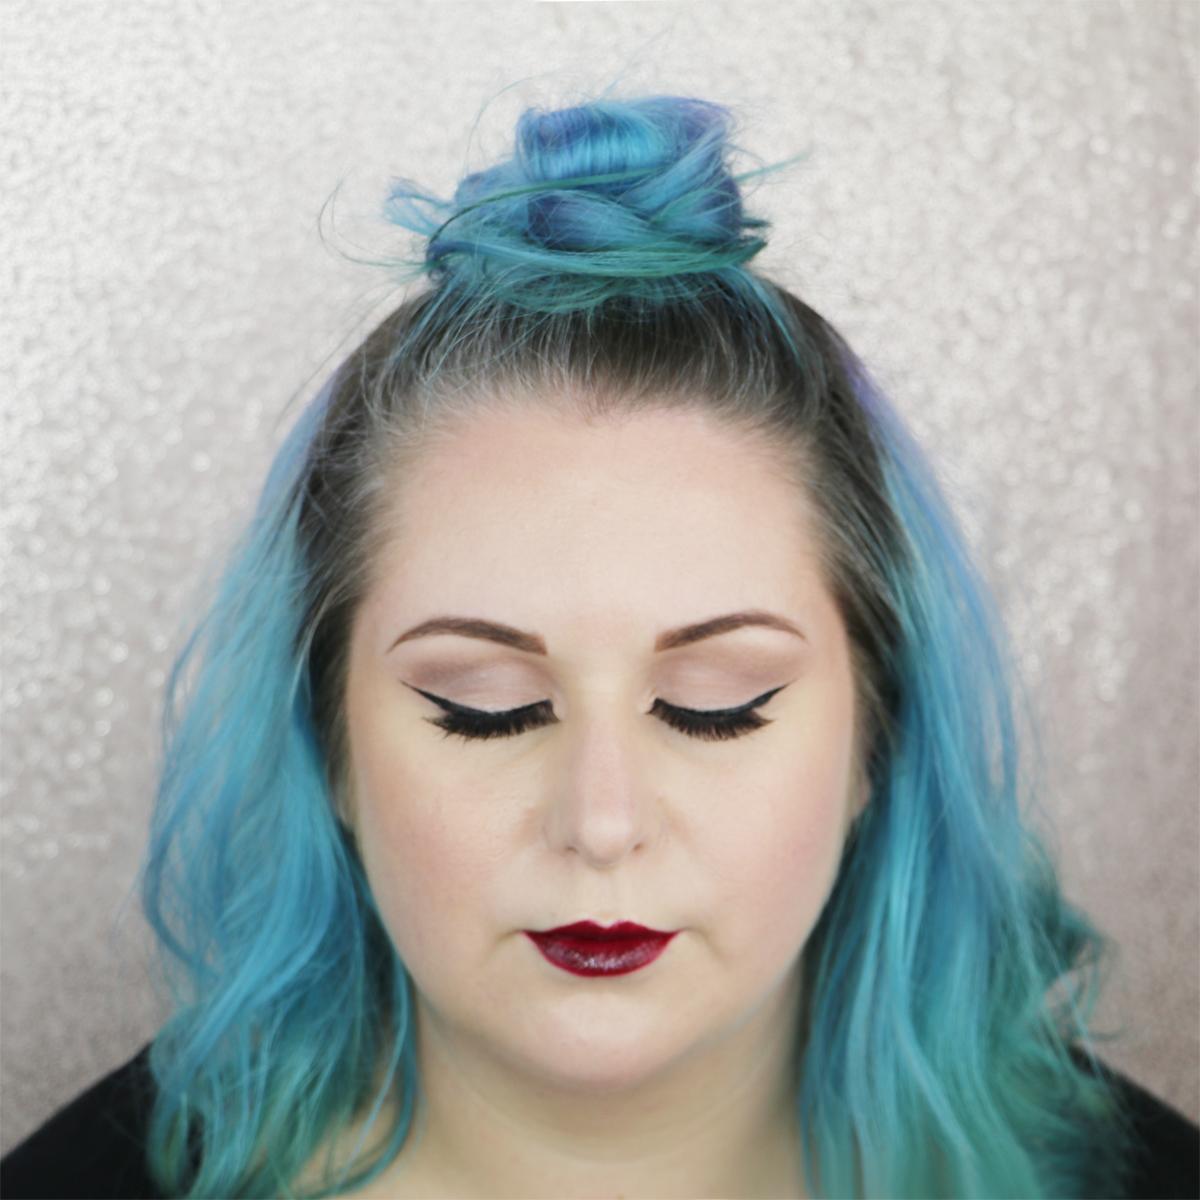 Marisa Robinson Makeup Artist Keune BLEND and Hair Transformation